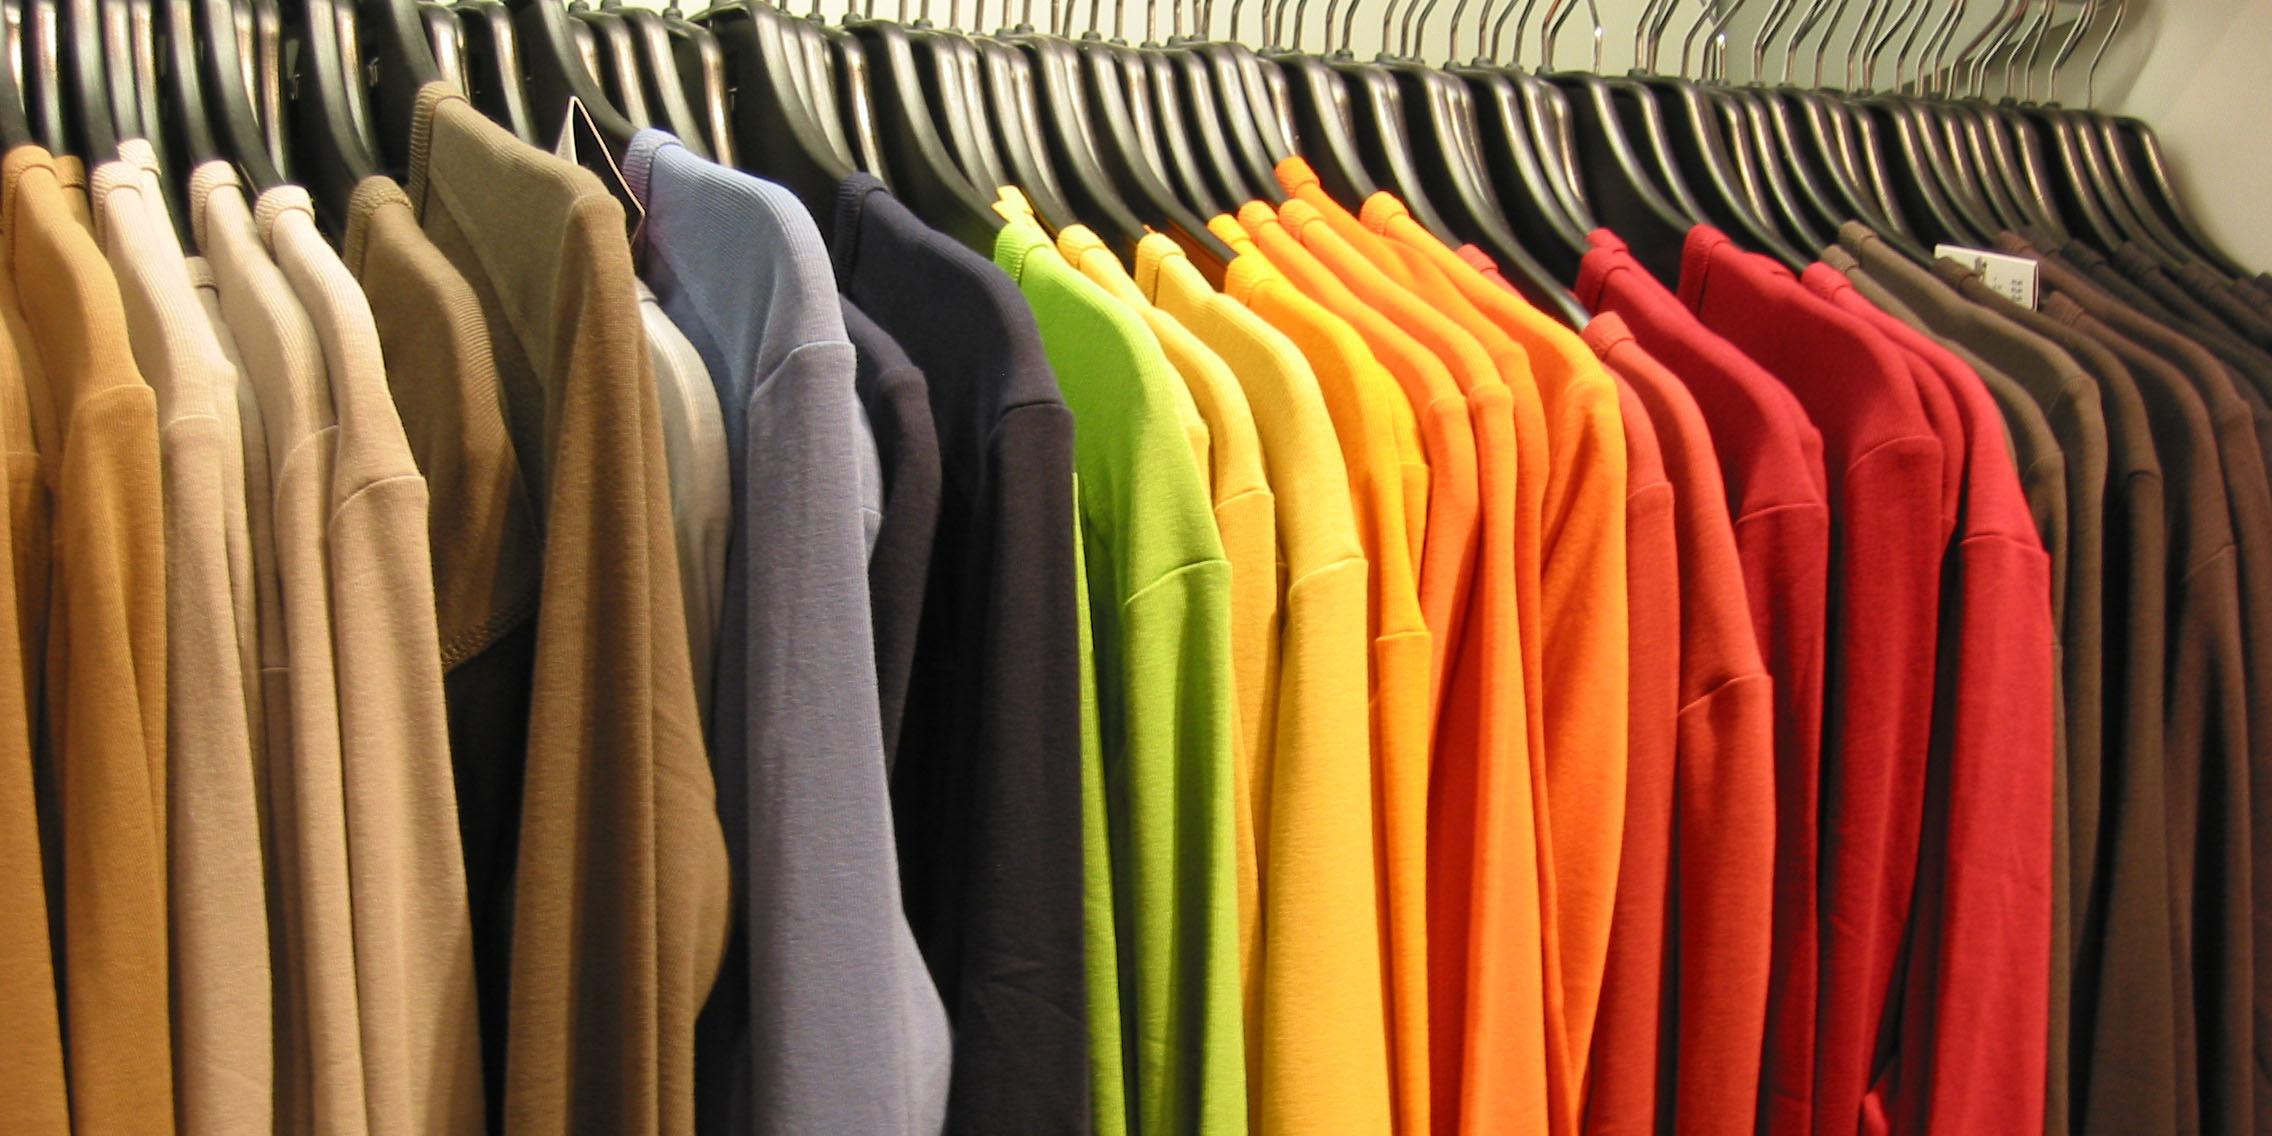 هزینه تمام شده بالا، مانع رقابت پذیری صنعت پوشاک